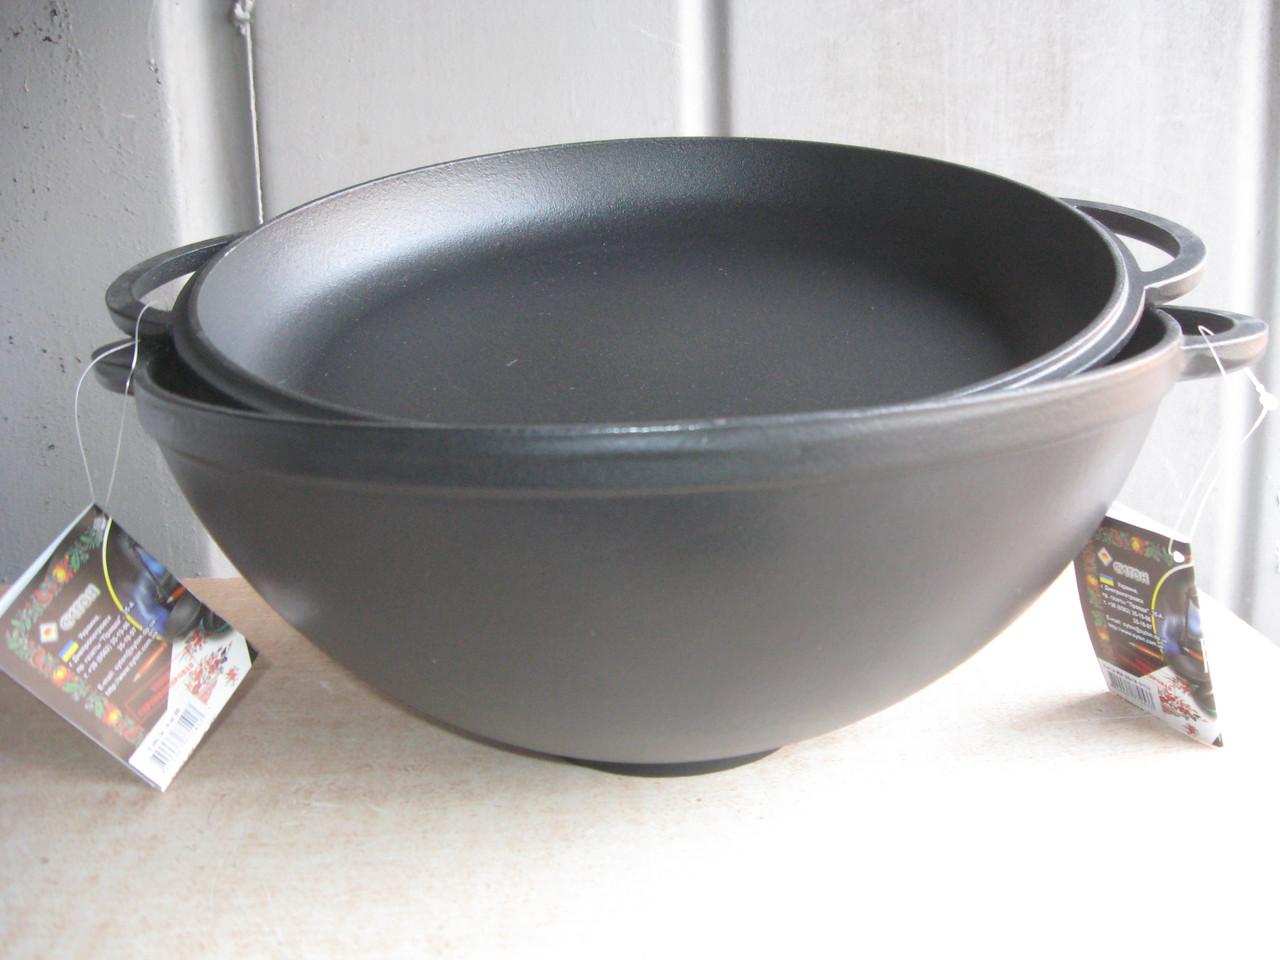 Казан чугунный (кастрюля WOK) эмалированный с чугунной крышкой-сковородой. Объем 5,5 литров.